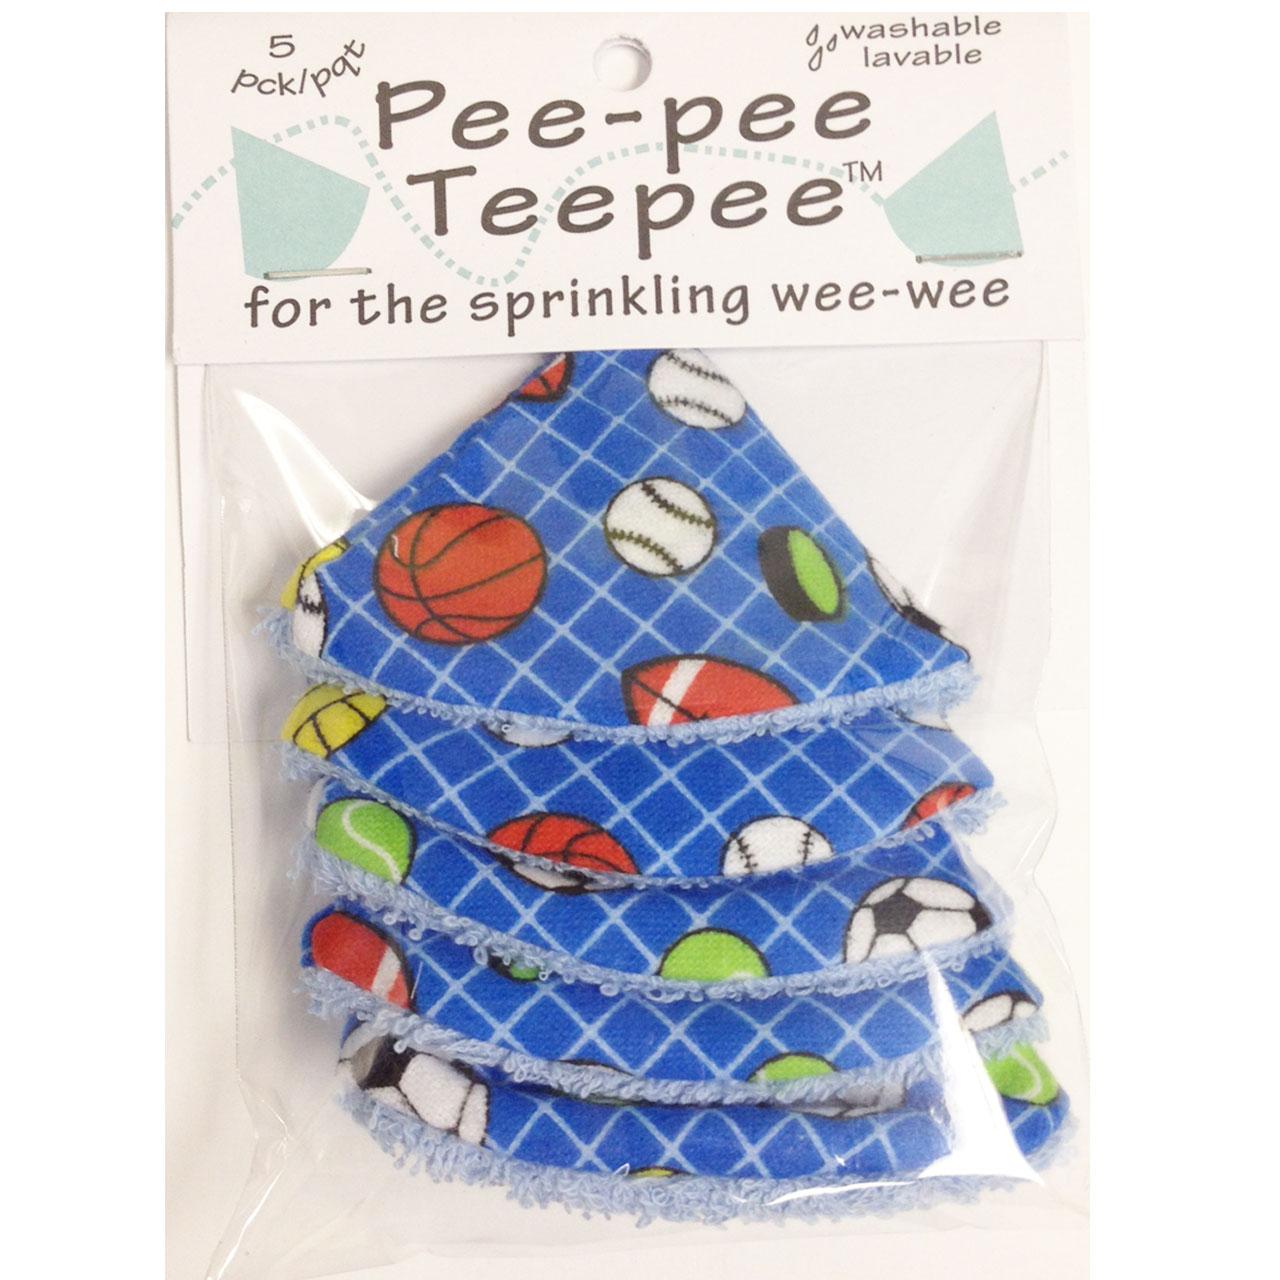 pee-pee-teepee-sports-2.jpg